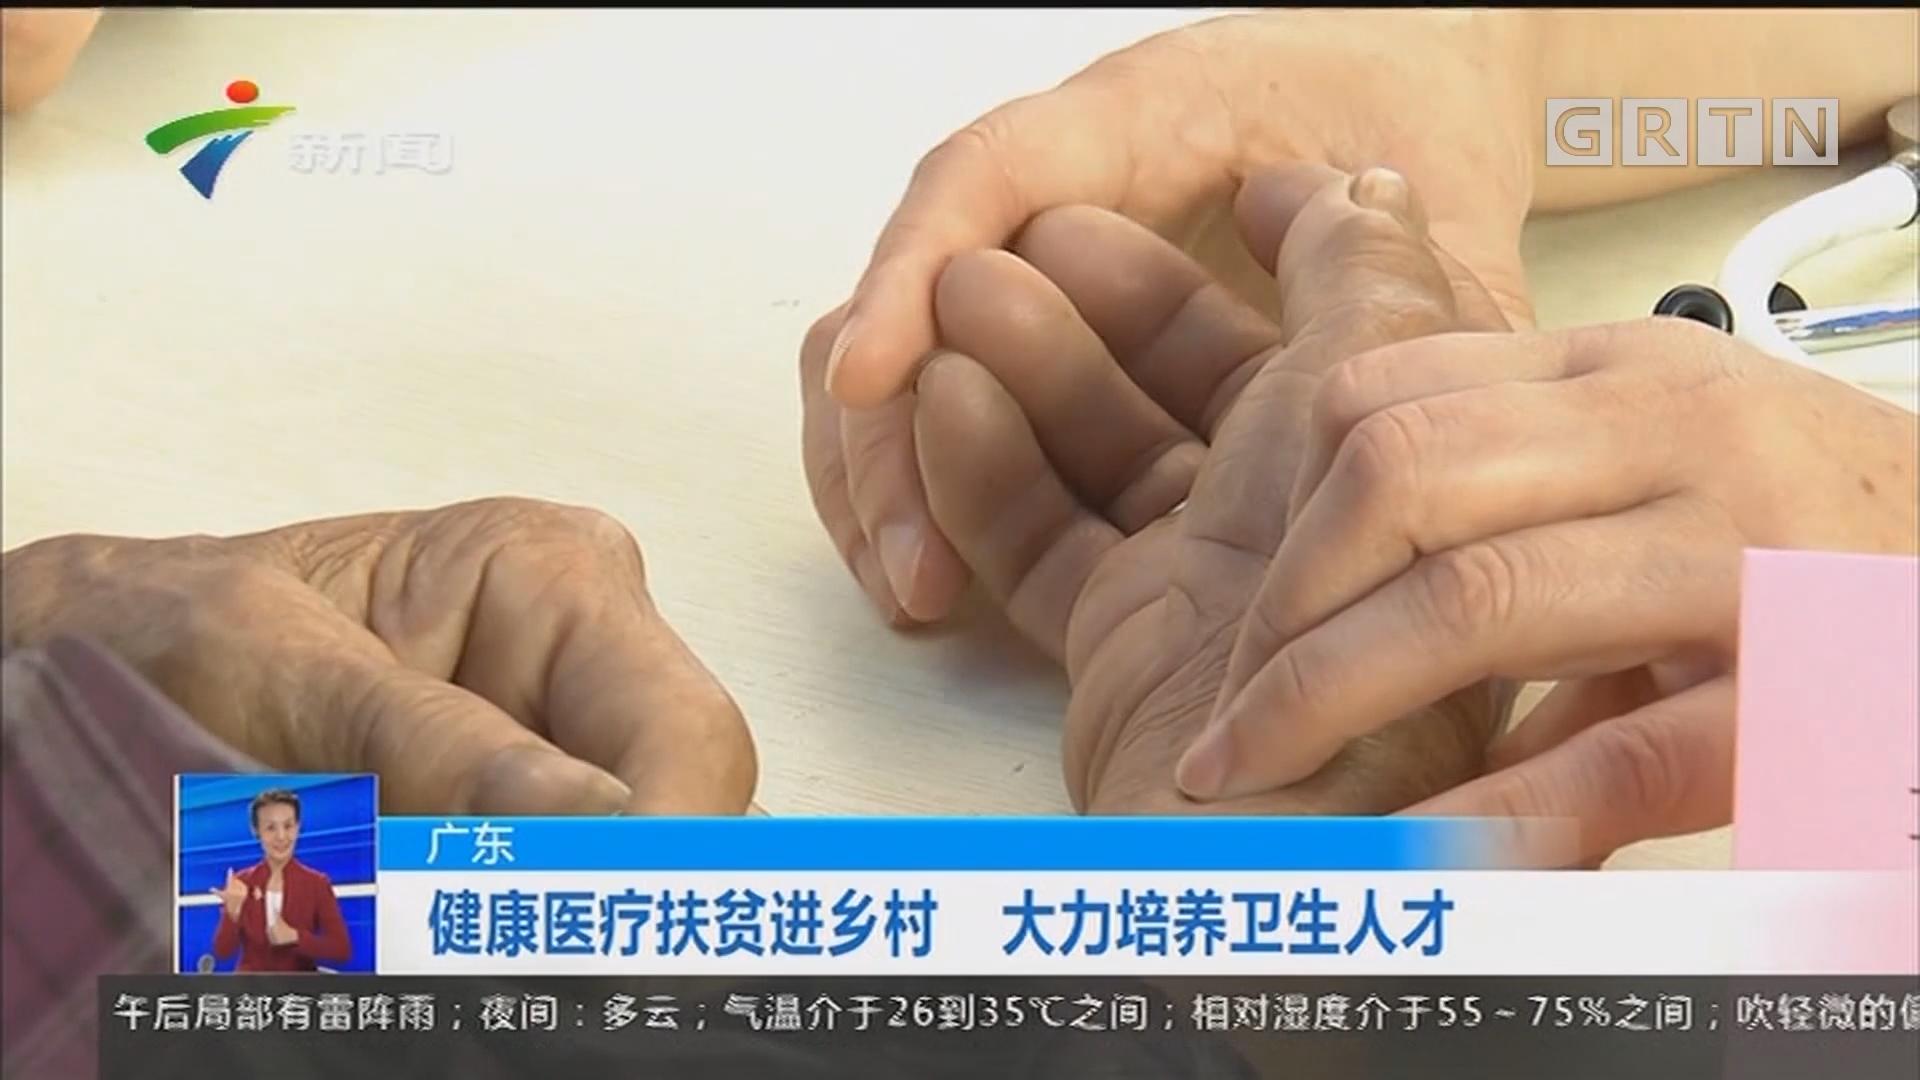 广东:健康医疗扶贫进乡村 大力培养卫生人才